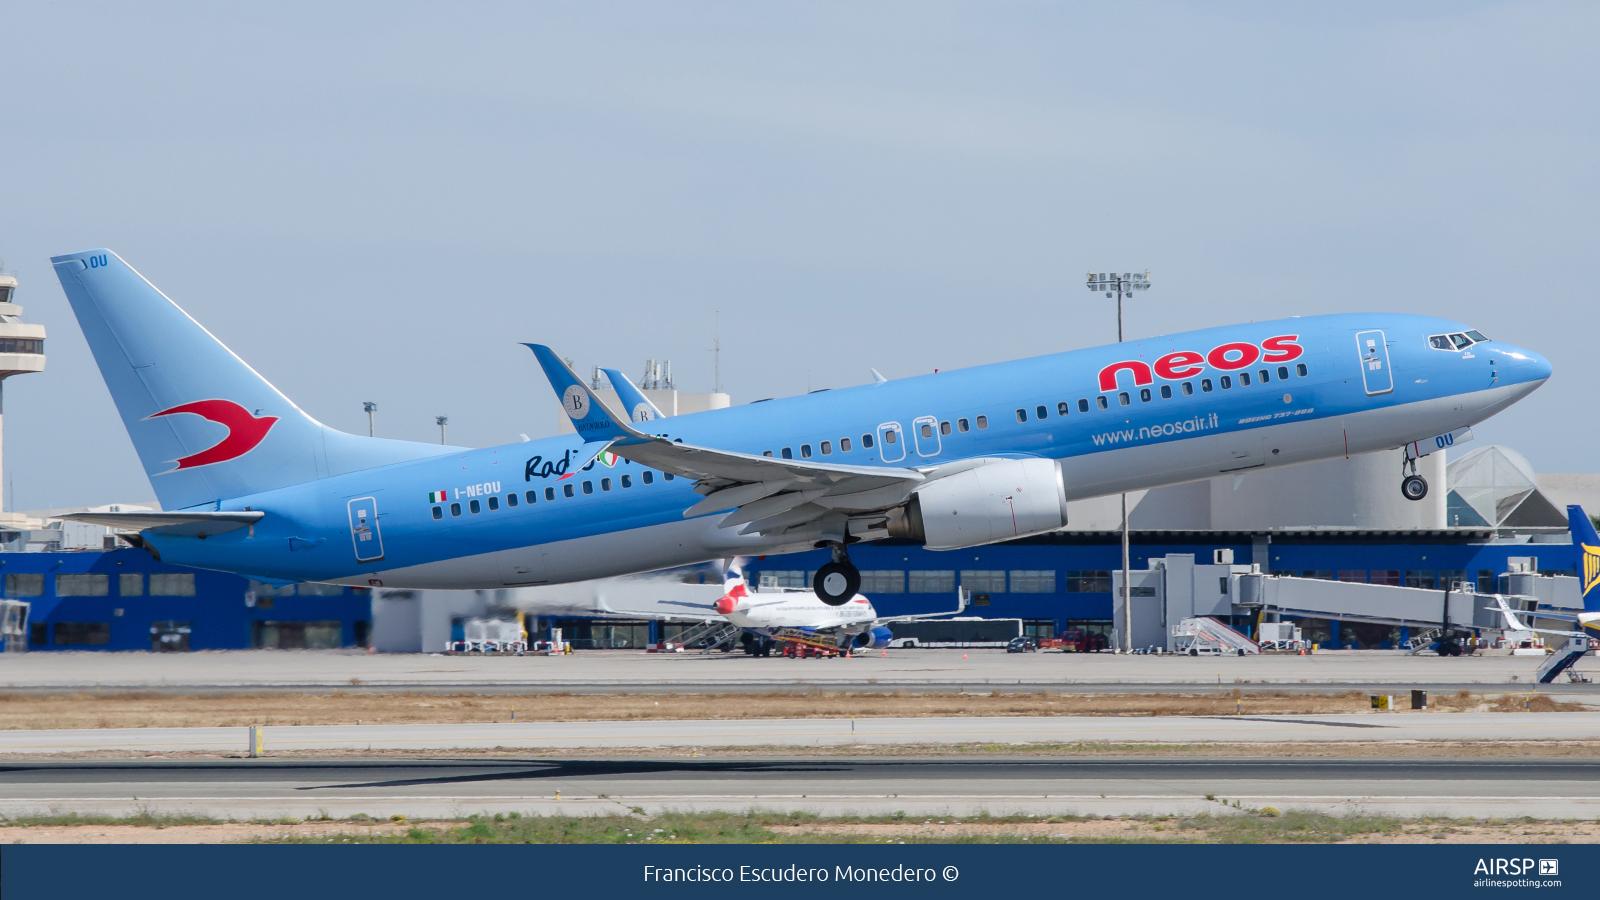 Neos  Boeing 737-800  I-NEOU